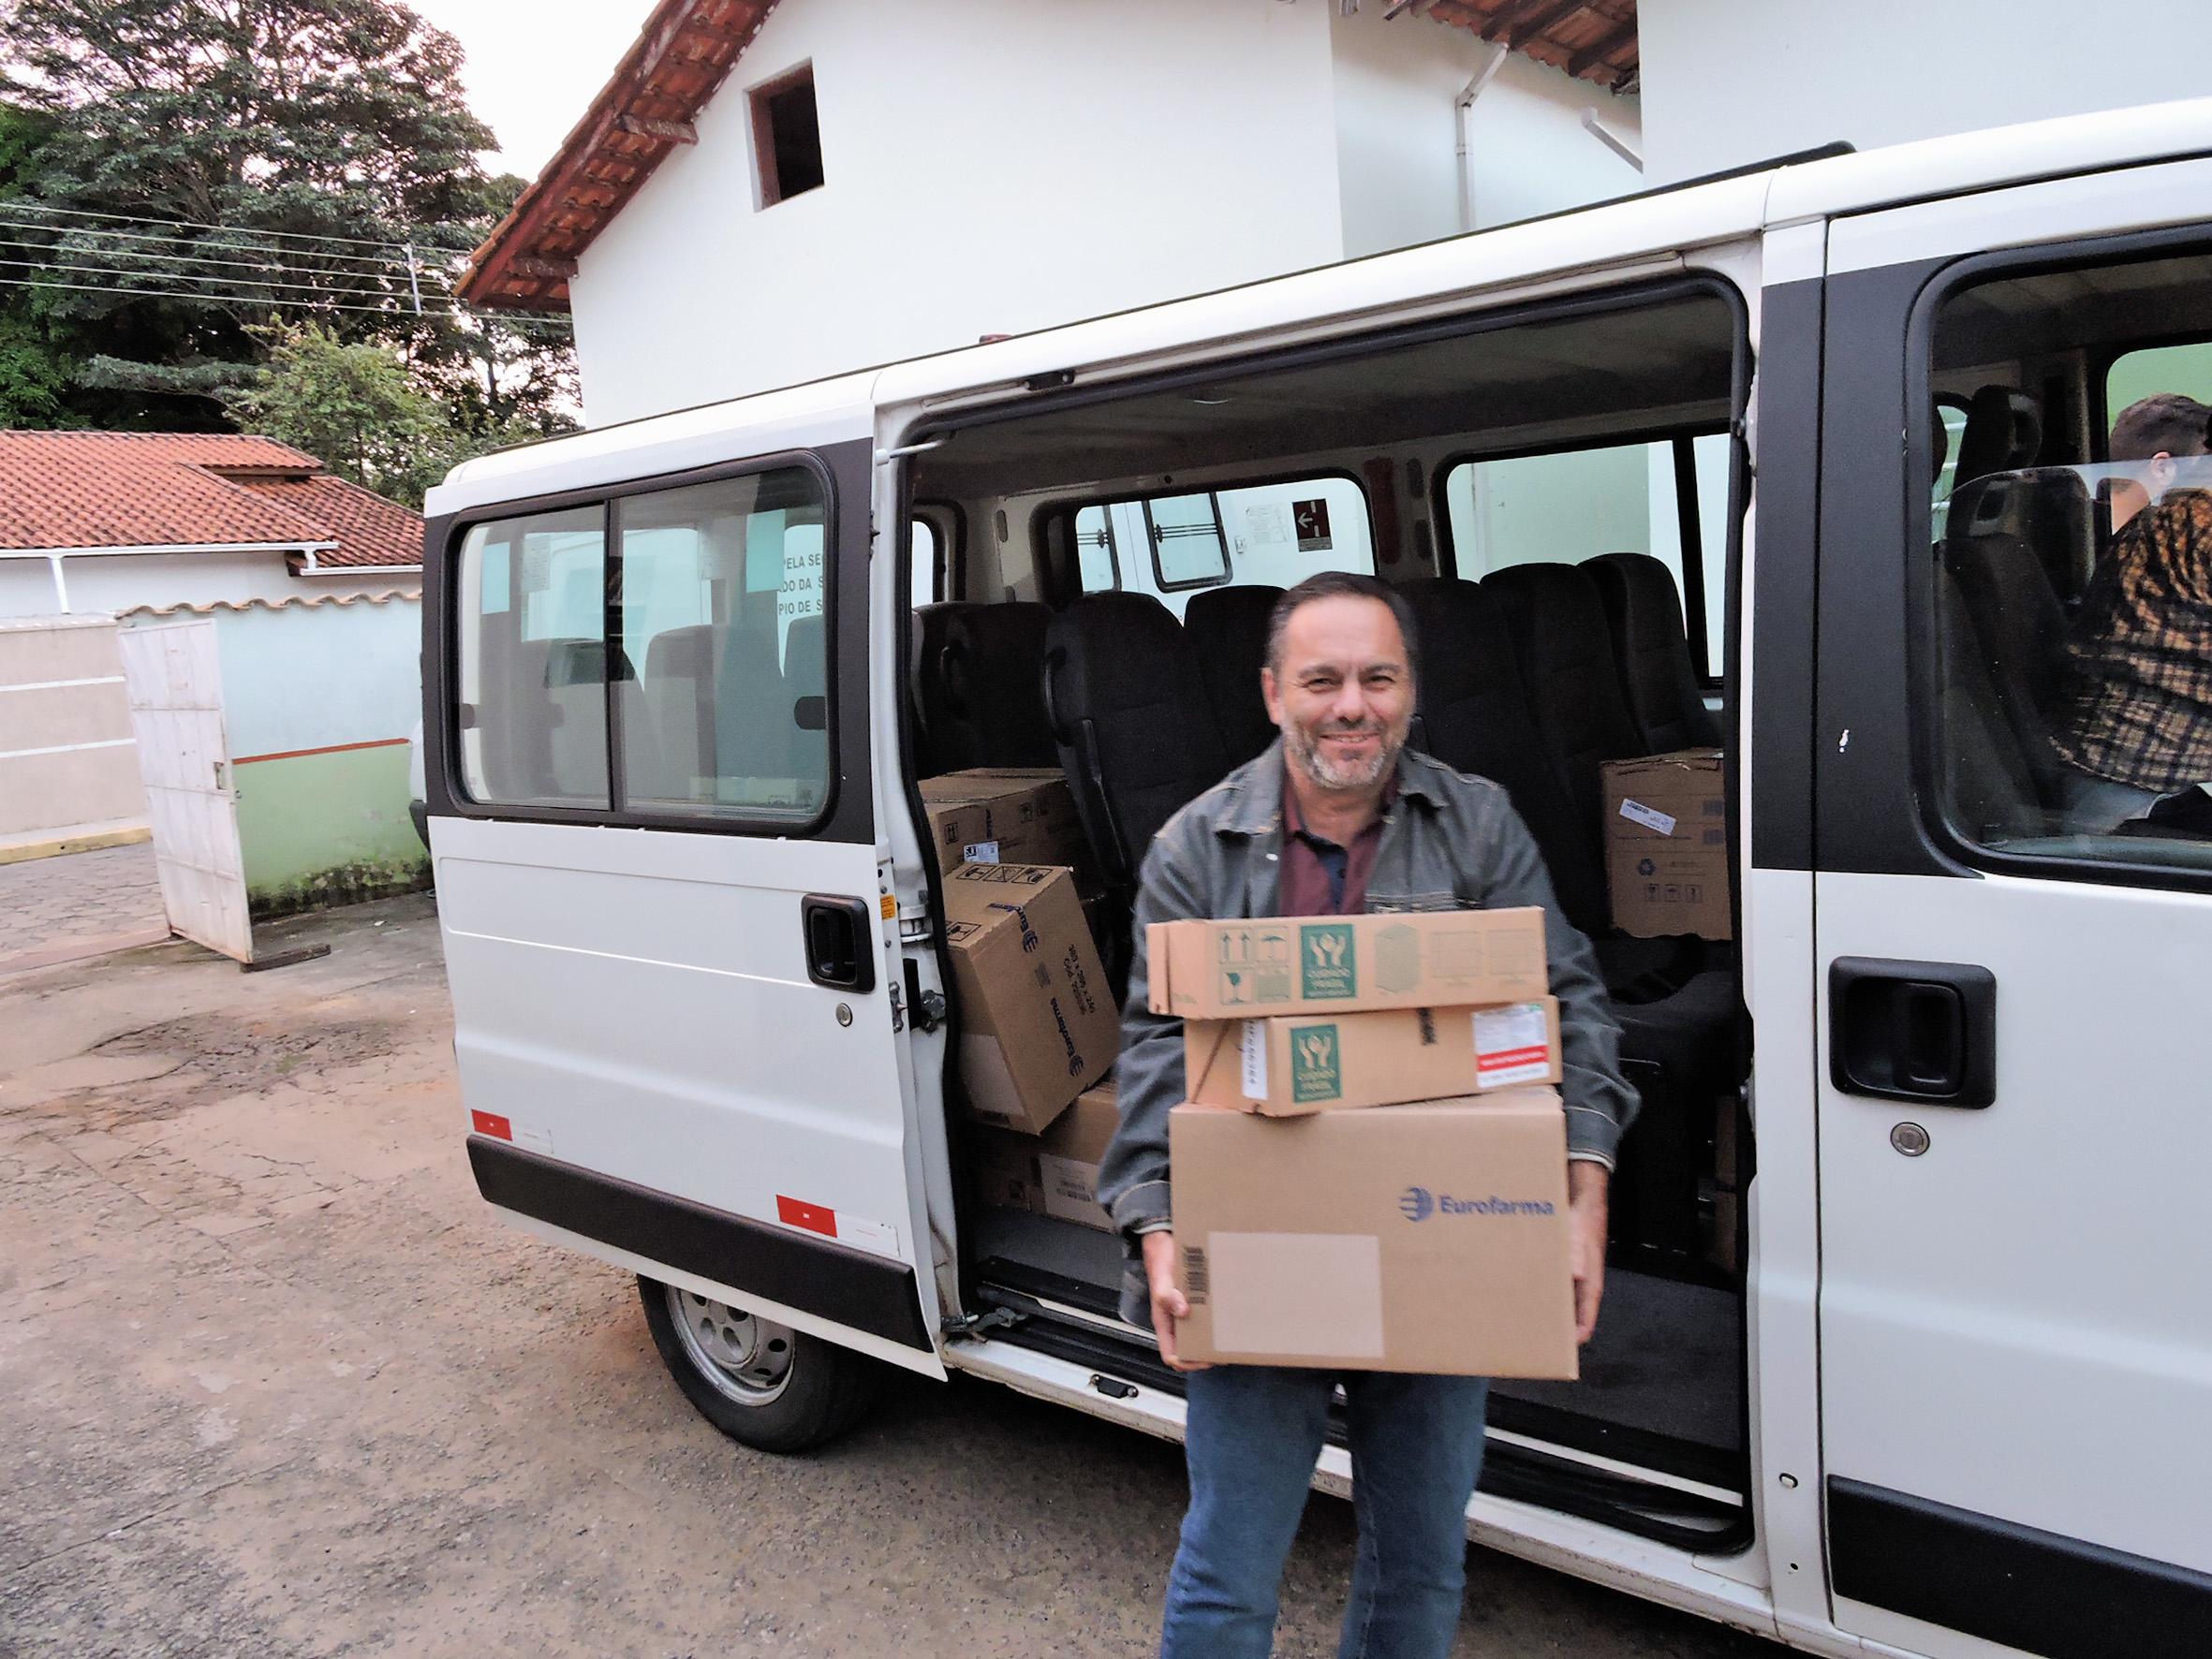 O prefeito Guilherme de Carvalho durante entrega de medicamentos para o atendimento em Silveiras (Foto: Divulgação)